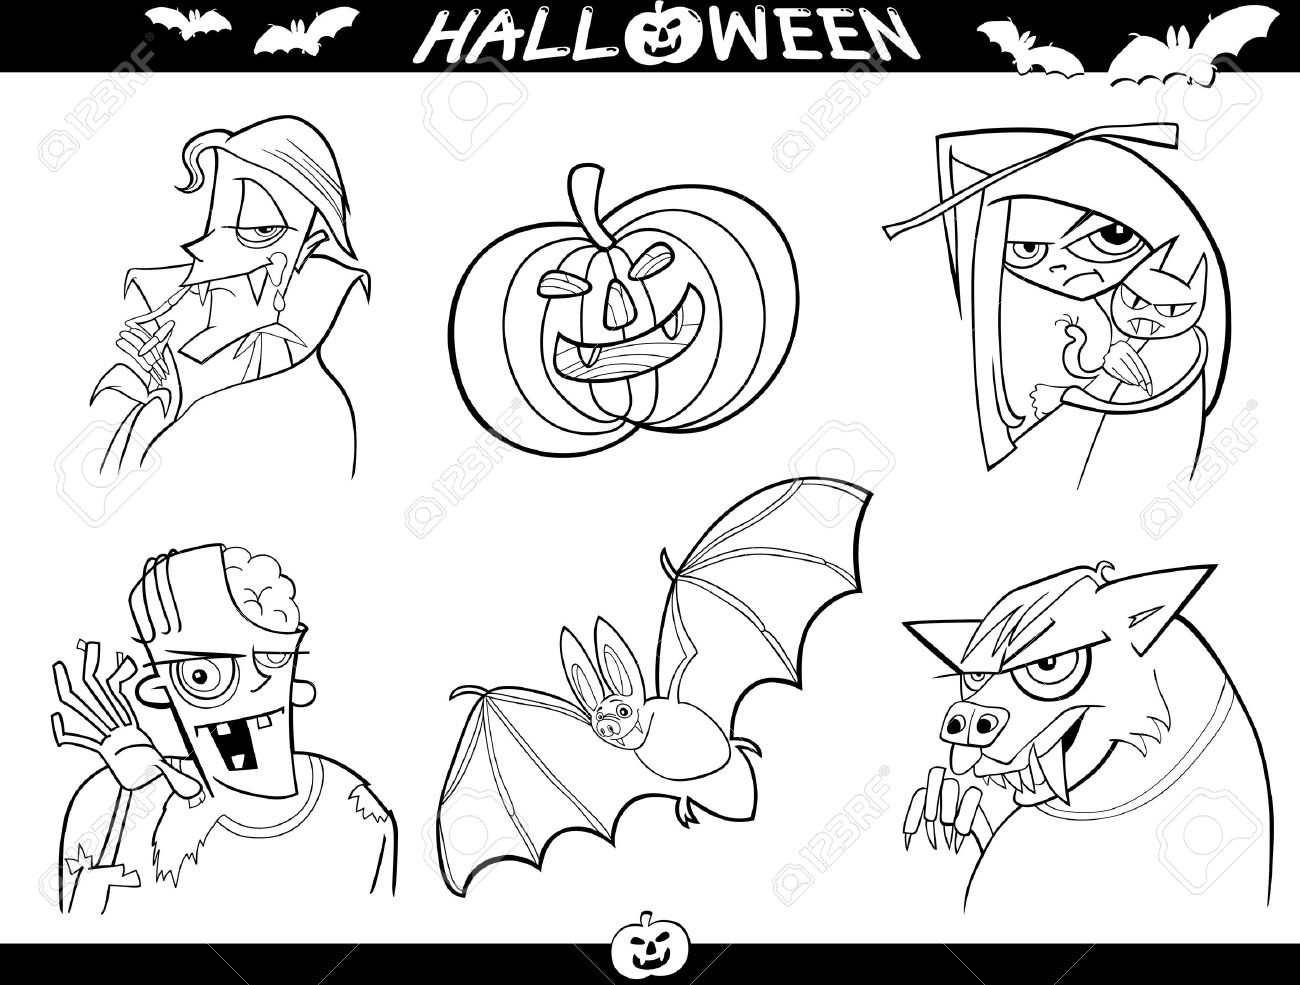 Ilustración De Dibujos Animados De Halloween Themes, Vampiro, Zombi ...